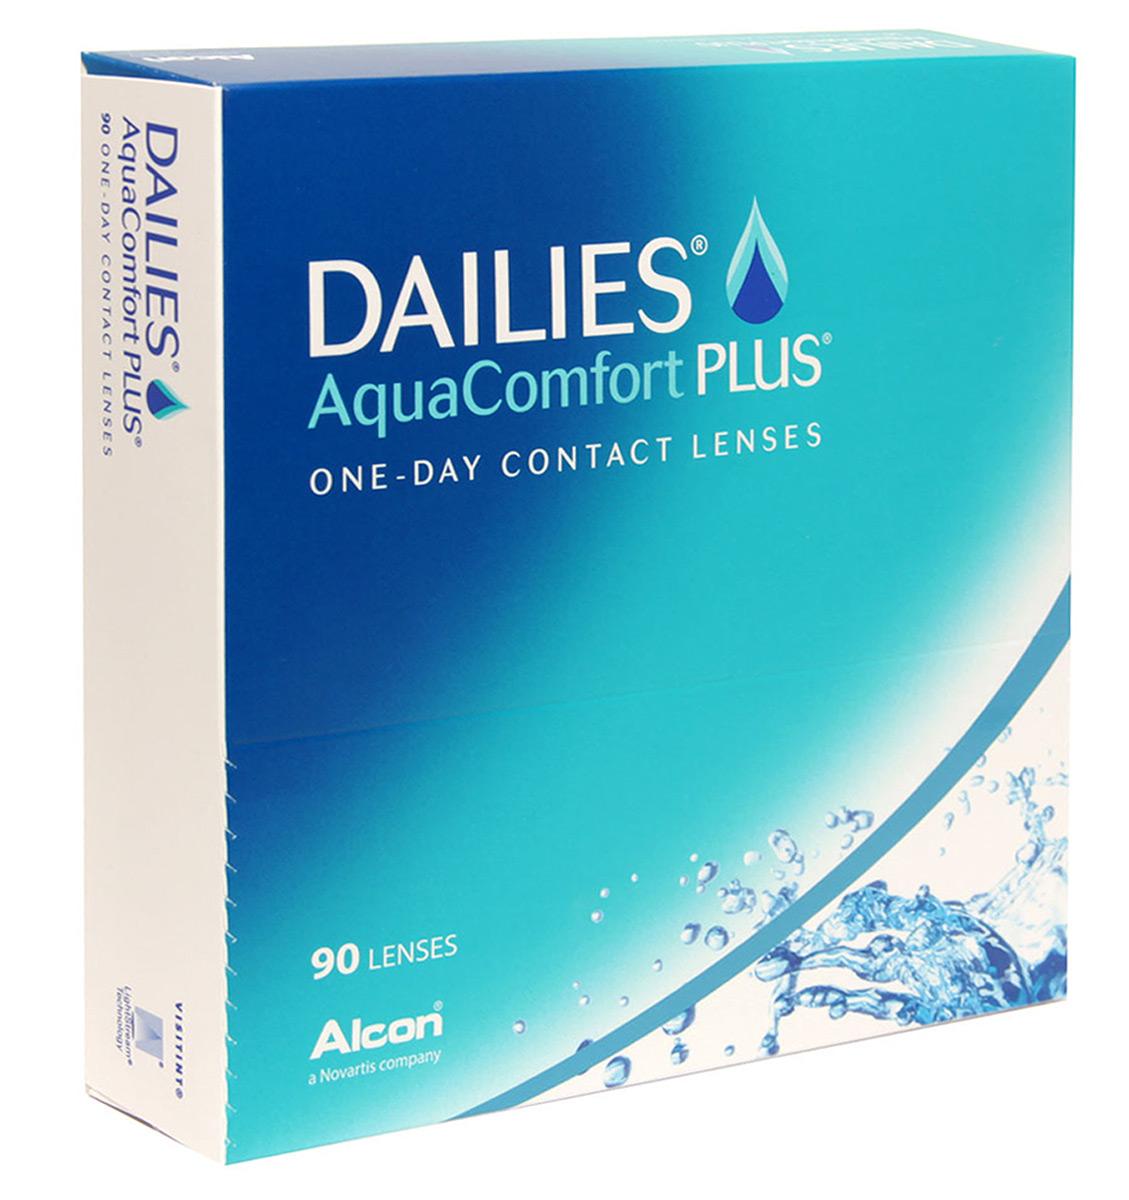 Alcon-CIBA Vision контактные линзы Dailies AquaComfort Plus (90шт / 8.7 / 14.0 / +6.00)38365Dailies Aqua Comfort Plus (90 блистеров) – это одни из самых популярных однодневных линз производства компании CIBA VISION. Эти линзы пользуются огромной популярностью во всем мире и являются на сегодняшний день самыми безопасными контактными линзами. Изготавливаются линзы из современного, 100% безопасного материала нелфилкон А. Особенность этого материала в том, что он легко пропускает воздух и хорошо сохраняет влагу. Однодневные контактные линзы Dailies Aqua Comfort Plus не нуждаются в дополнительном уходе и затратах, каждый день вы надеваете свежую пару линз. Дизайн линзы биосовместимый, что гарантирует безупречный комфорт. Самое главное достоинство Dailies Aqua Comfort Plus – это их уникальная система увлажнения. Благодаря этой разработке линзы увлажняются тремя различными агентами. Первый компонент, ухаживающий за линзами, находится в растворе, он как бы обволакивает линзу, обеспечивая чрезвычайно комфортное надевание. Второй агент выделяется на протяжении всего дня, он...